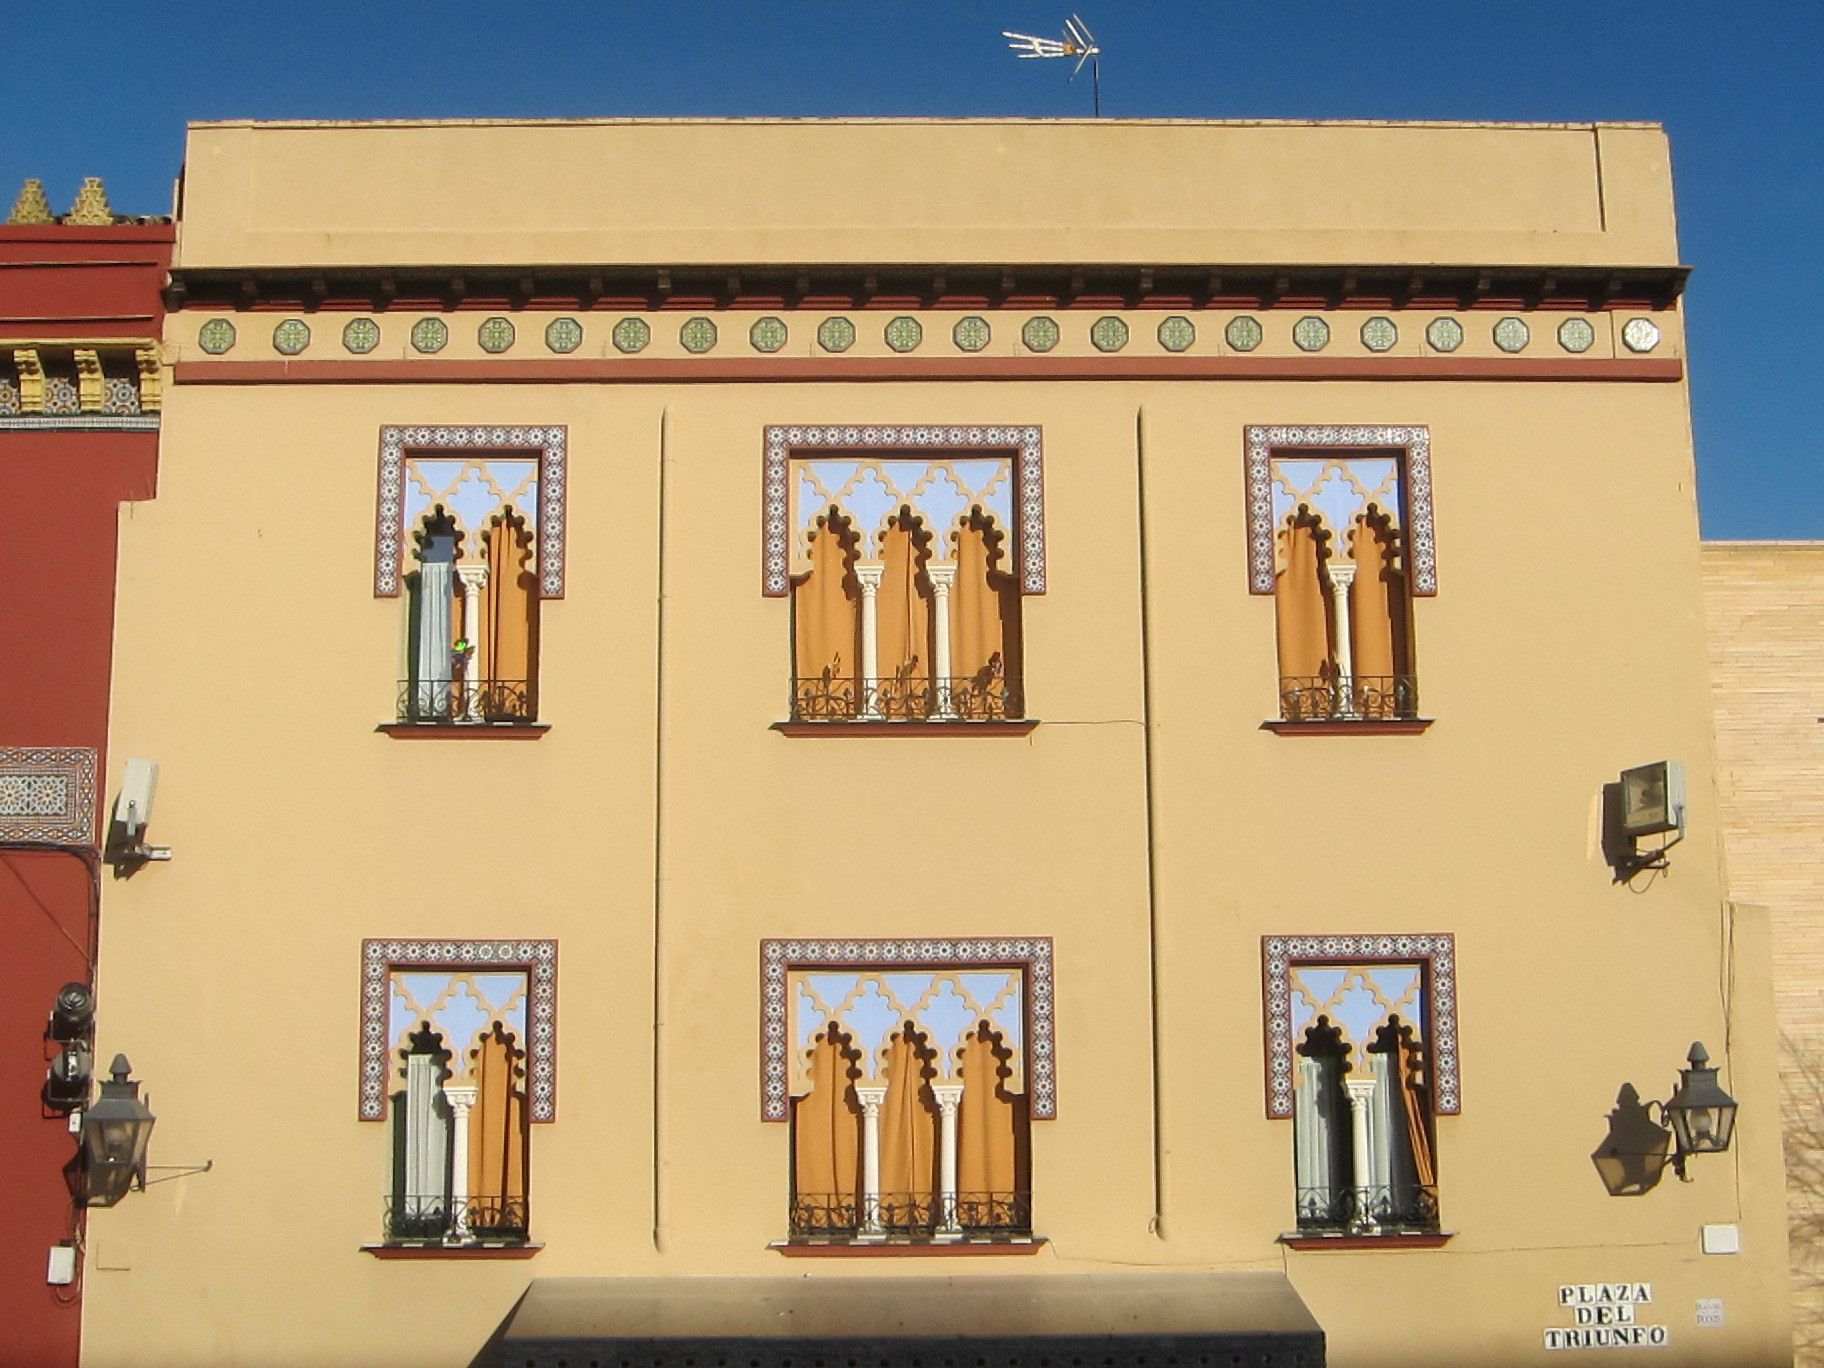 Architecture in Plaza del Triunfo